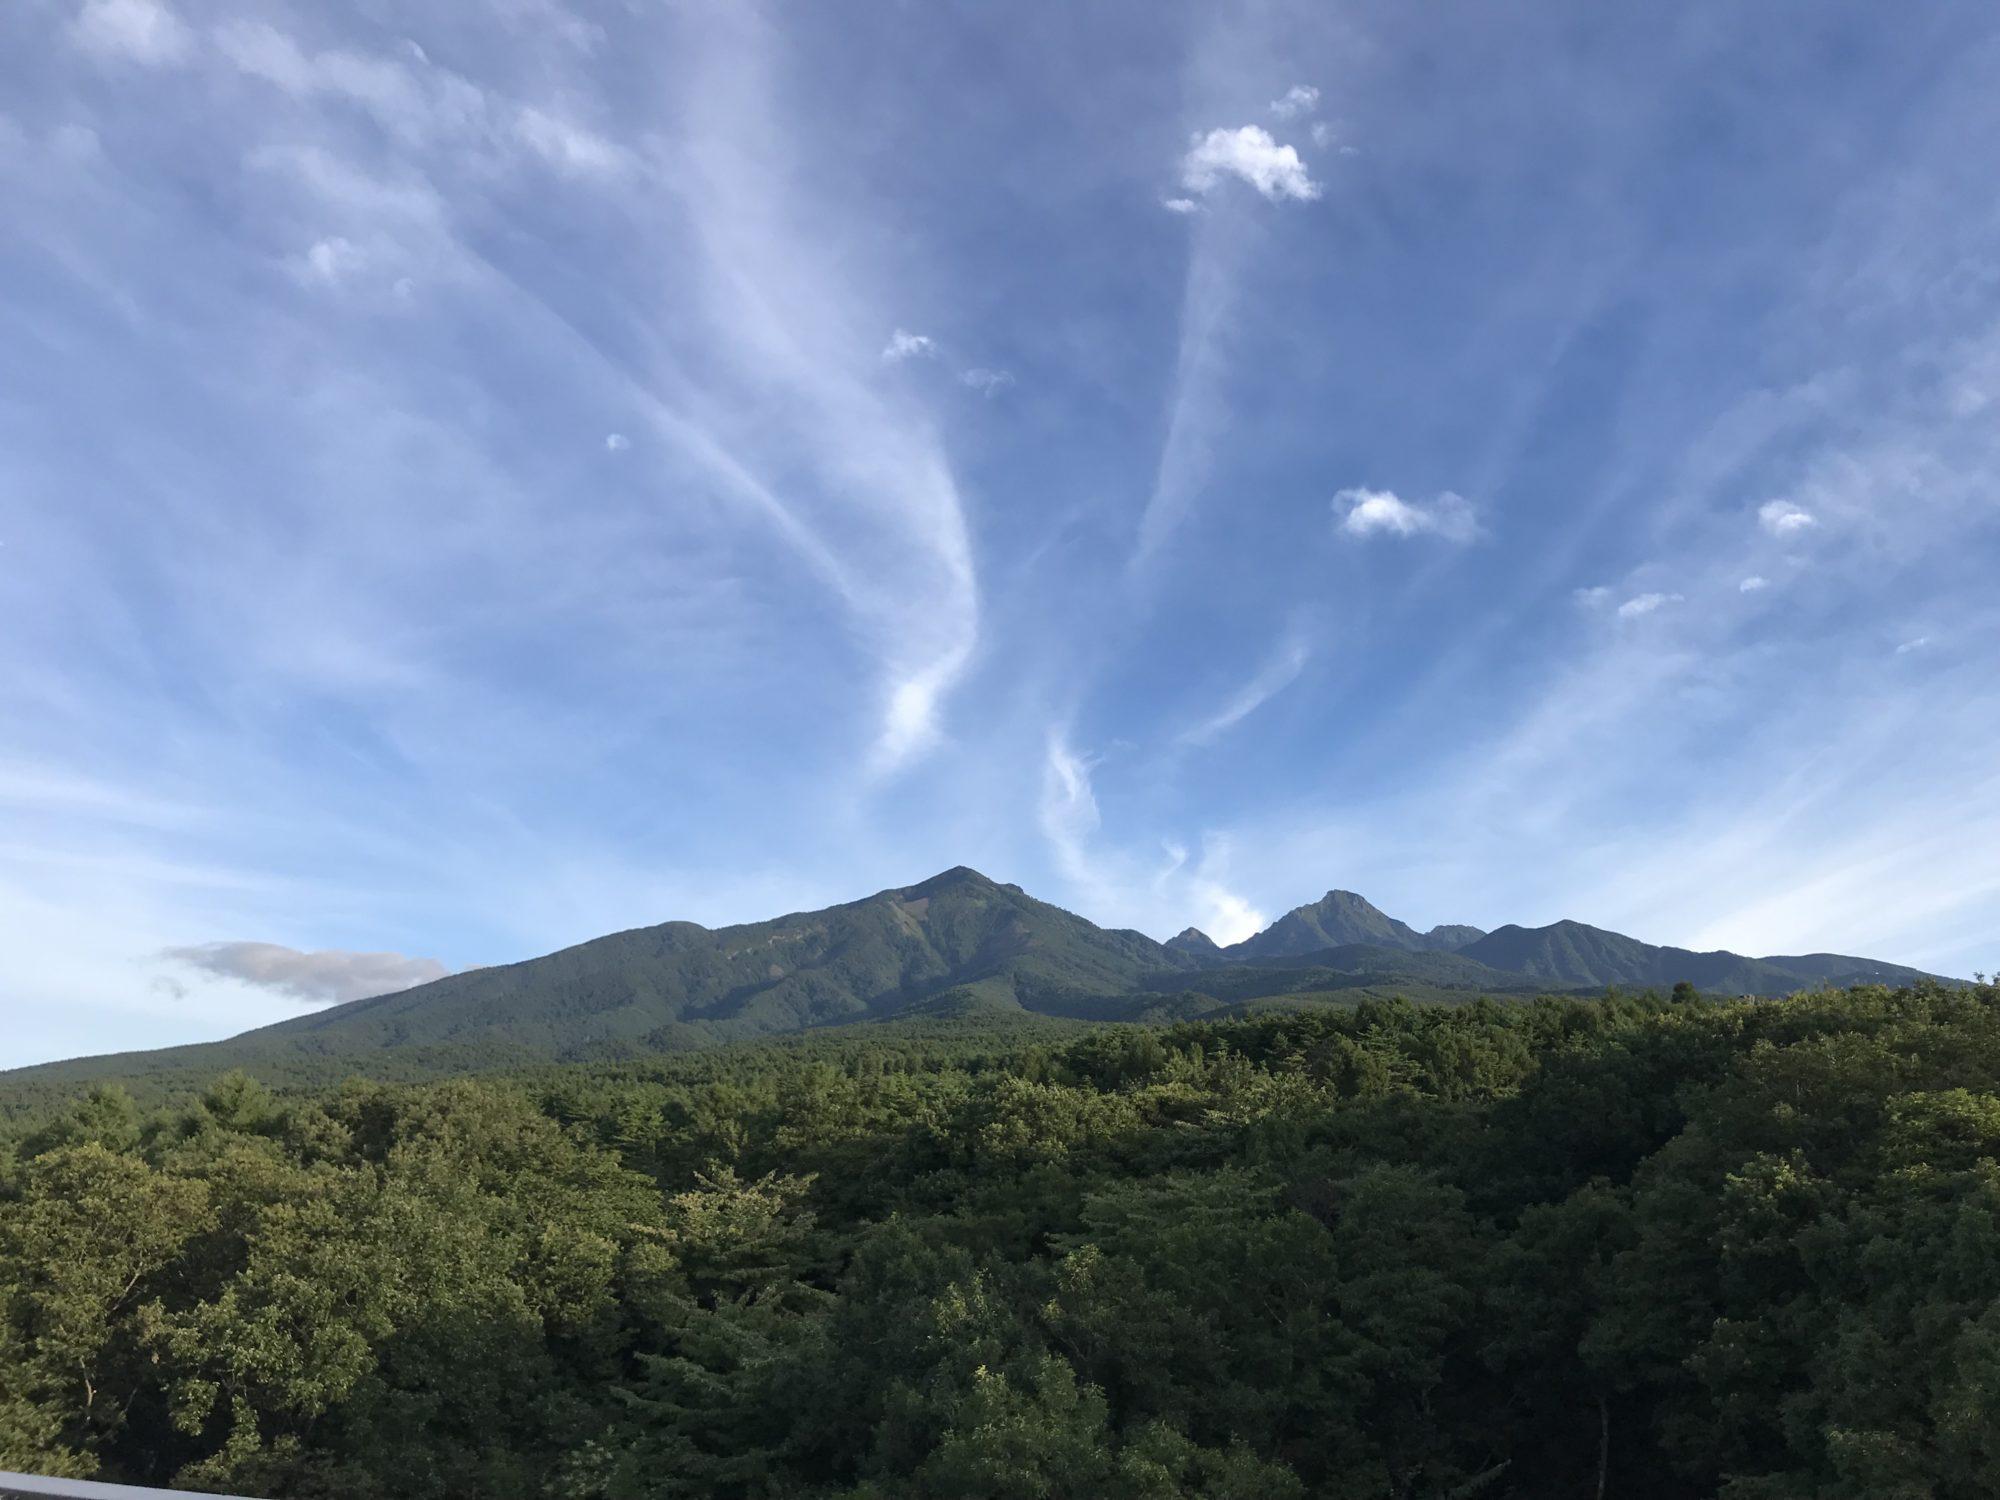 ロイヤルホテル八ヶ岳からの八ヶ岳